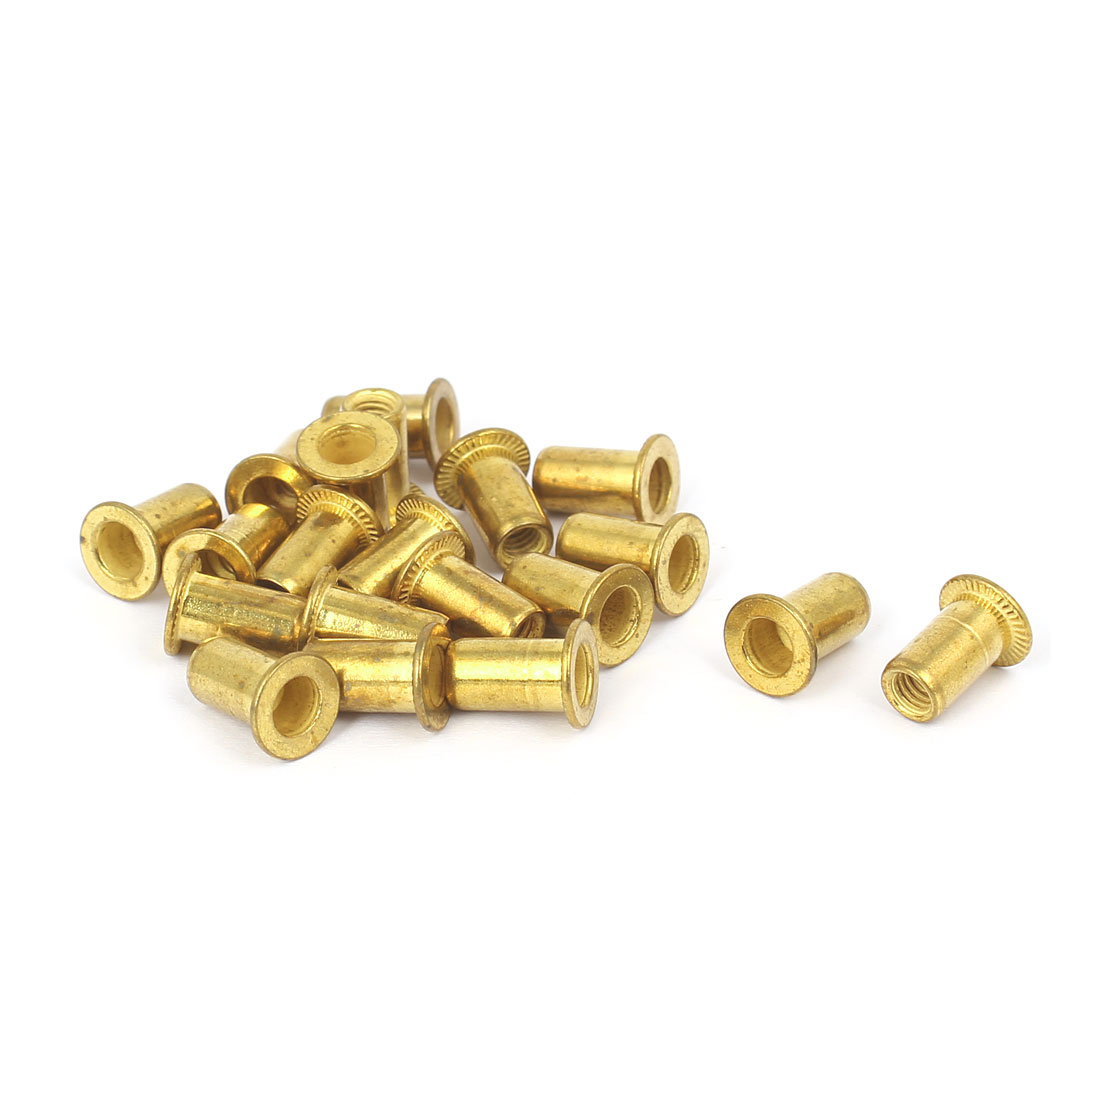 Furniture Brass Flat Head Rivet Nut Insert Nutsert M4 Thread Dia 11mm Long 20pcs